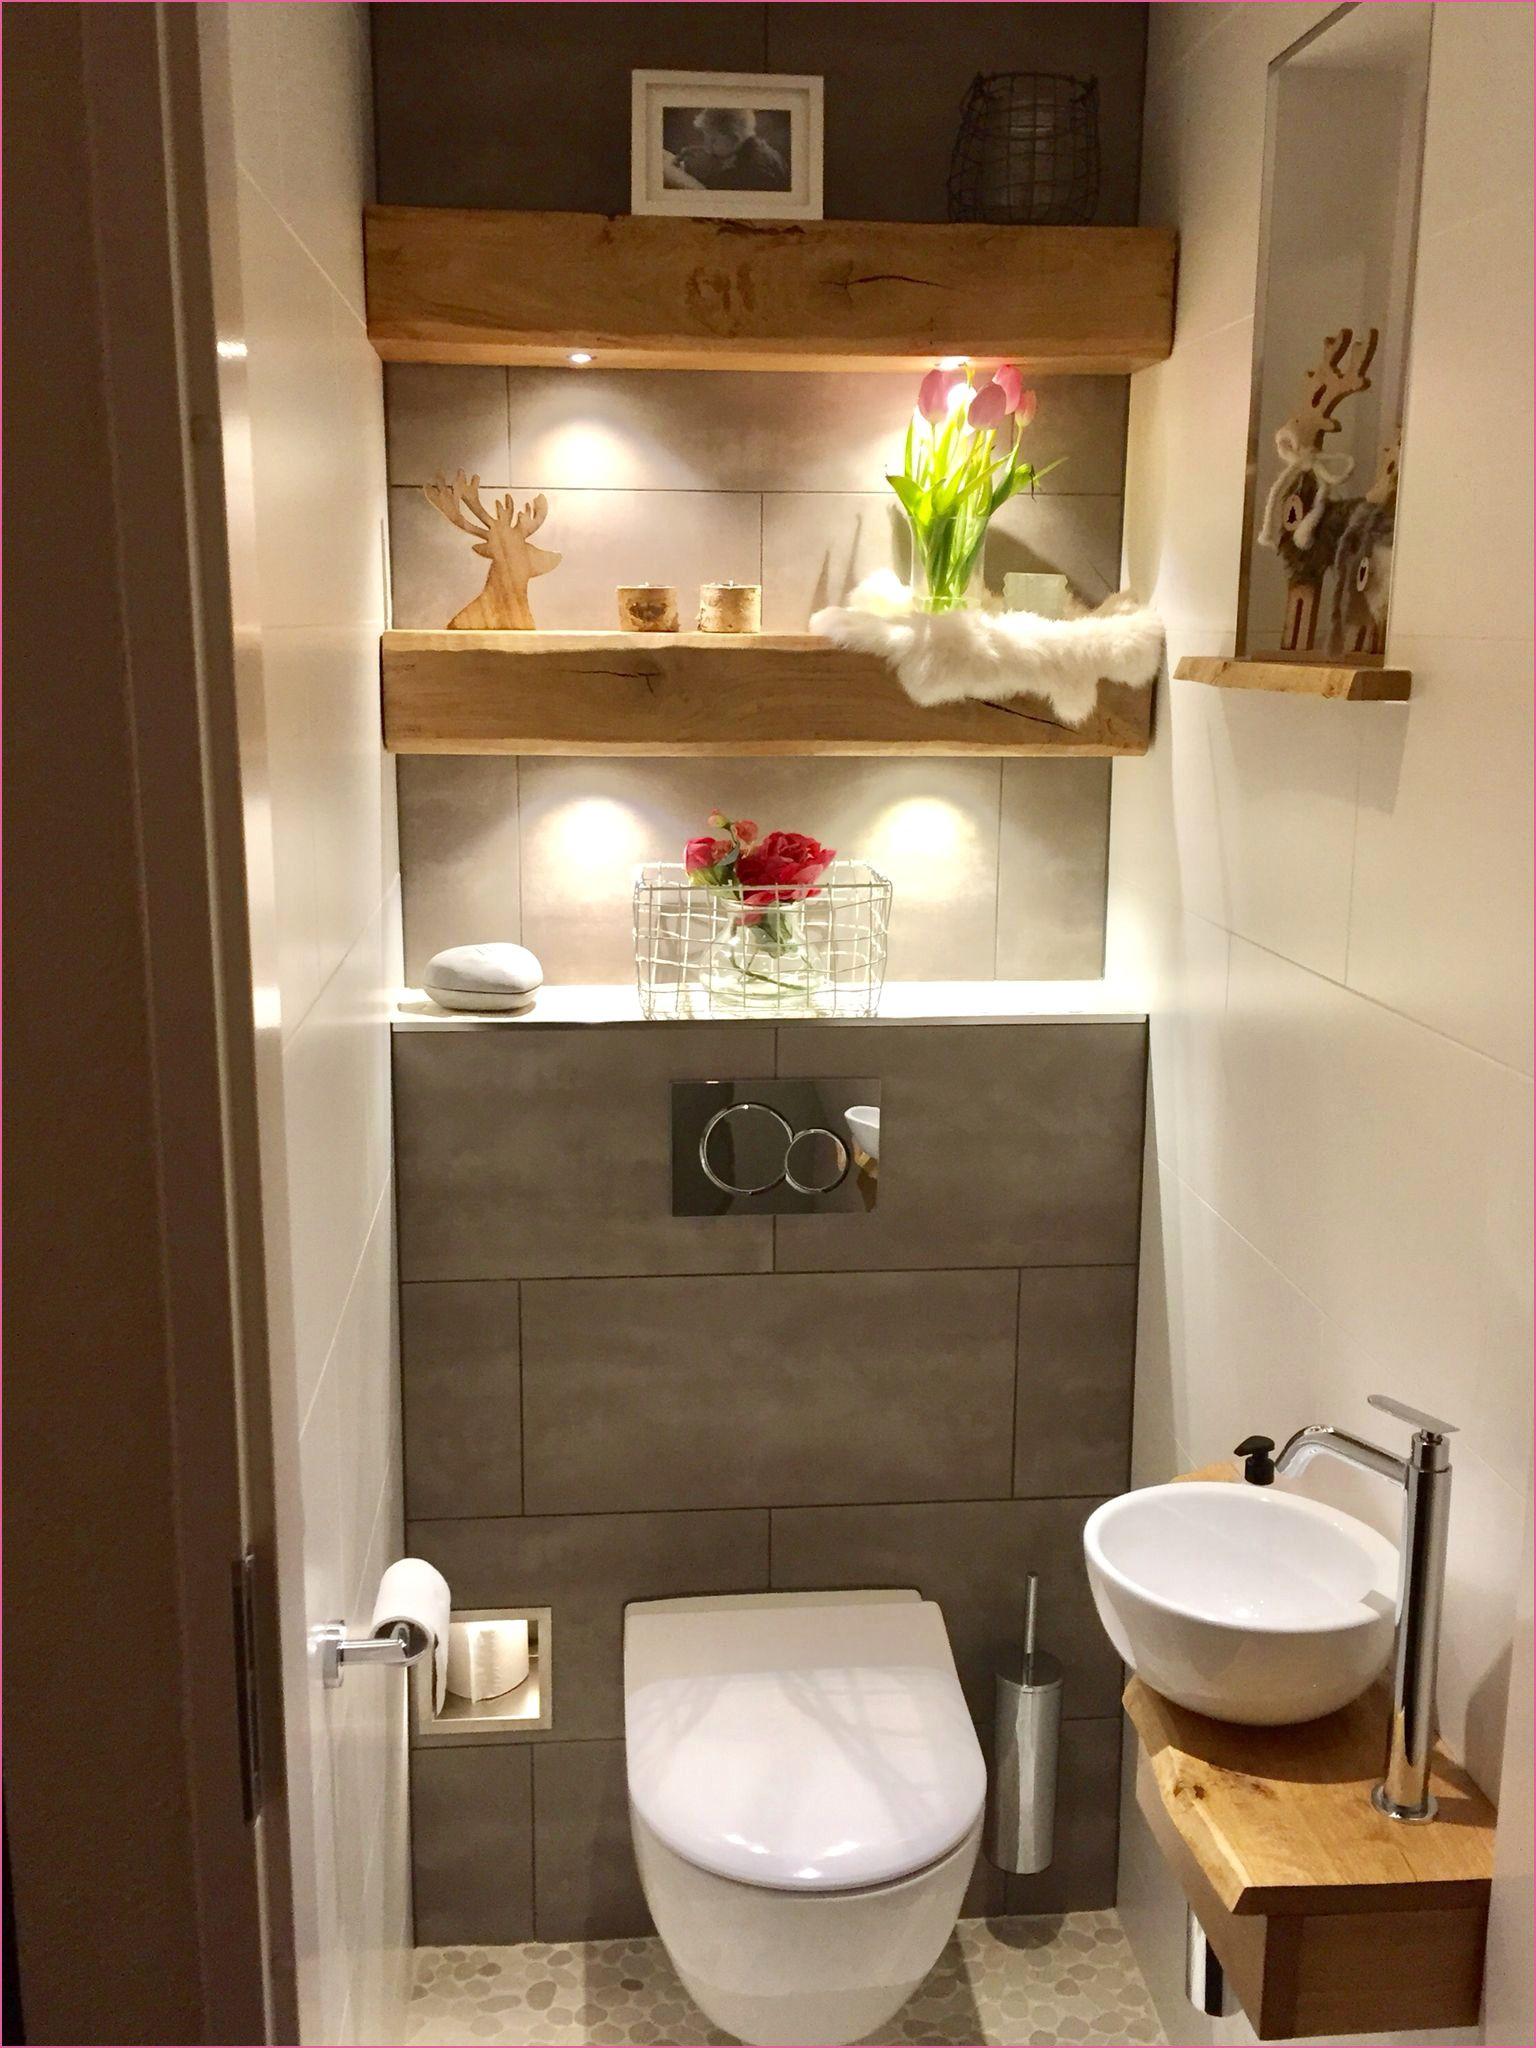 Bw Baublog Ikea Hack Bad Spiegel Mit Led Beleuchtung Wir Bauen Mit Bittermann Weiss Ikea Badezimmer Badezimmer Design Badgestaltung